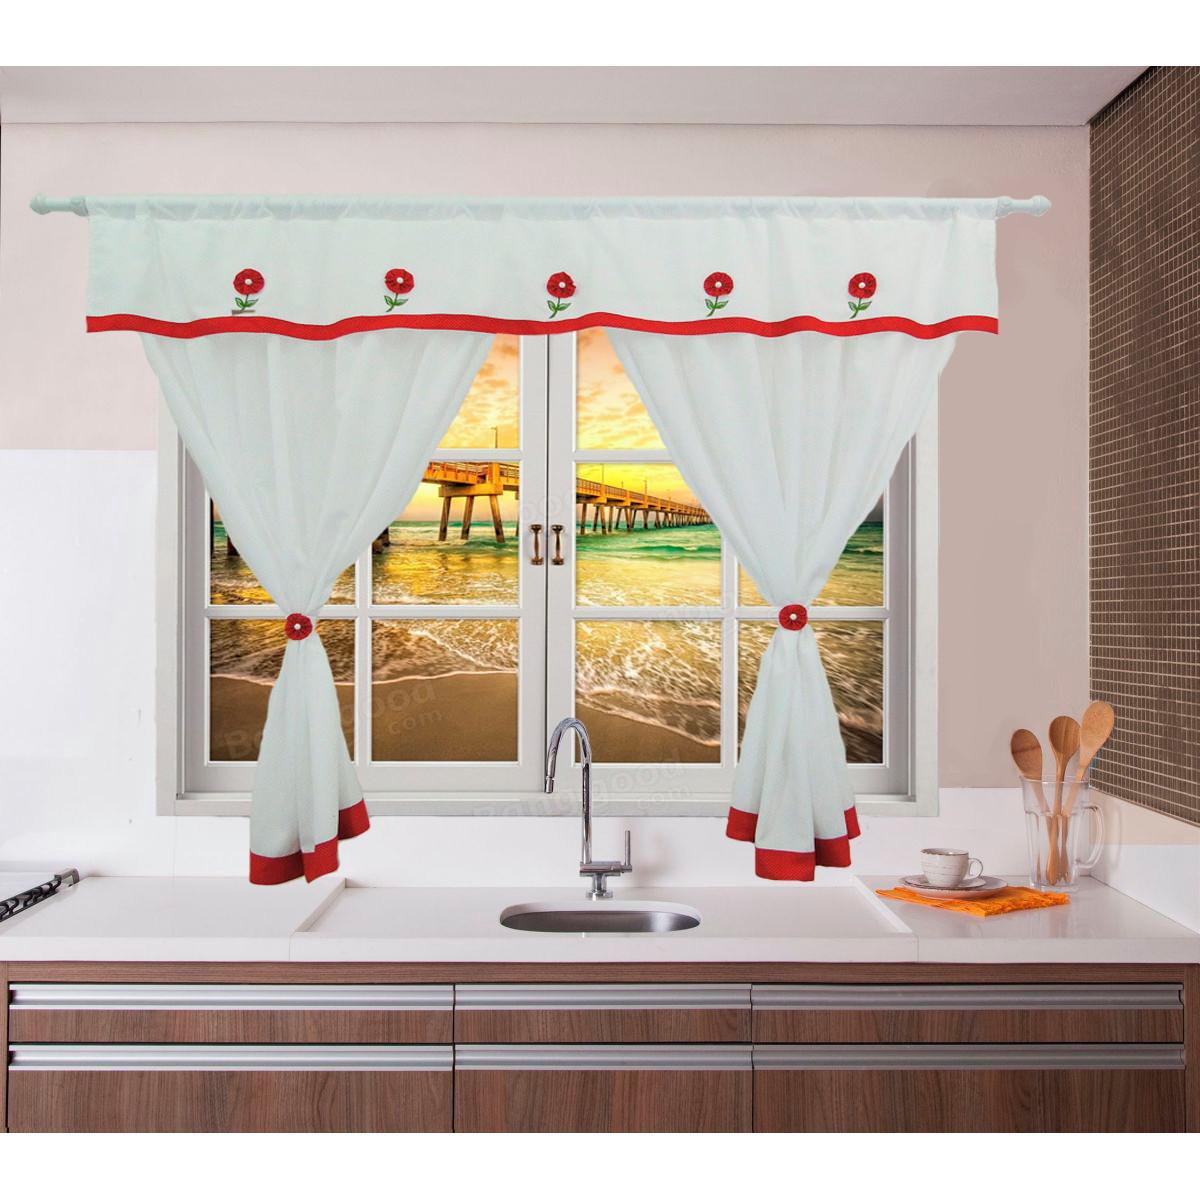 Image of: Cortina Cozinha Flower C Bando 200 M Lx120 M A Poa Vermelho No Elo7 Flor D Liza Cortinas 136267e